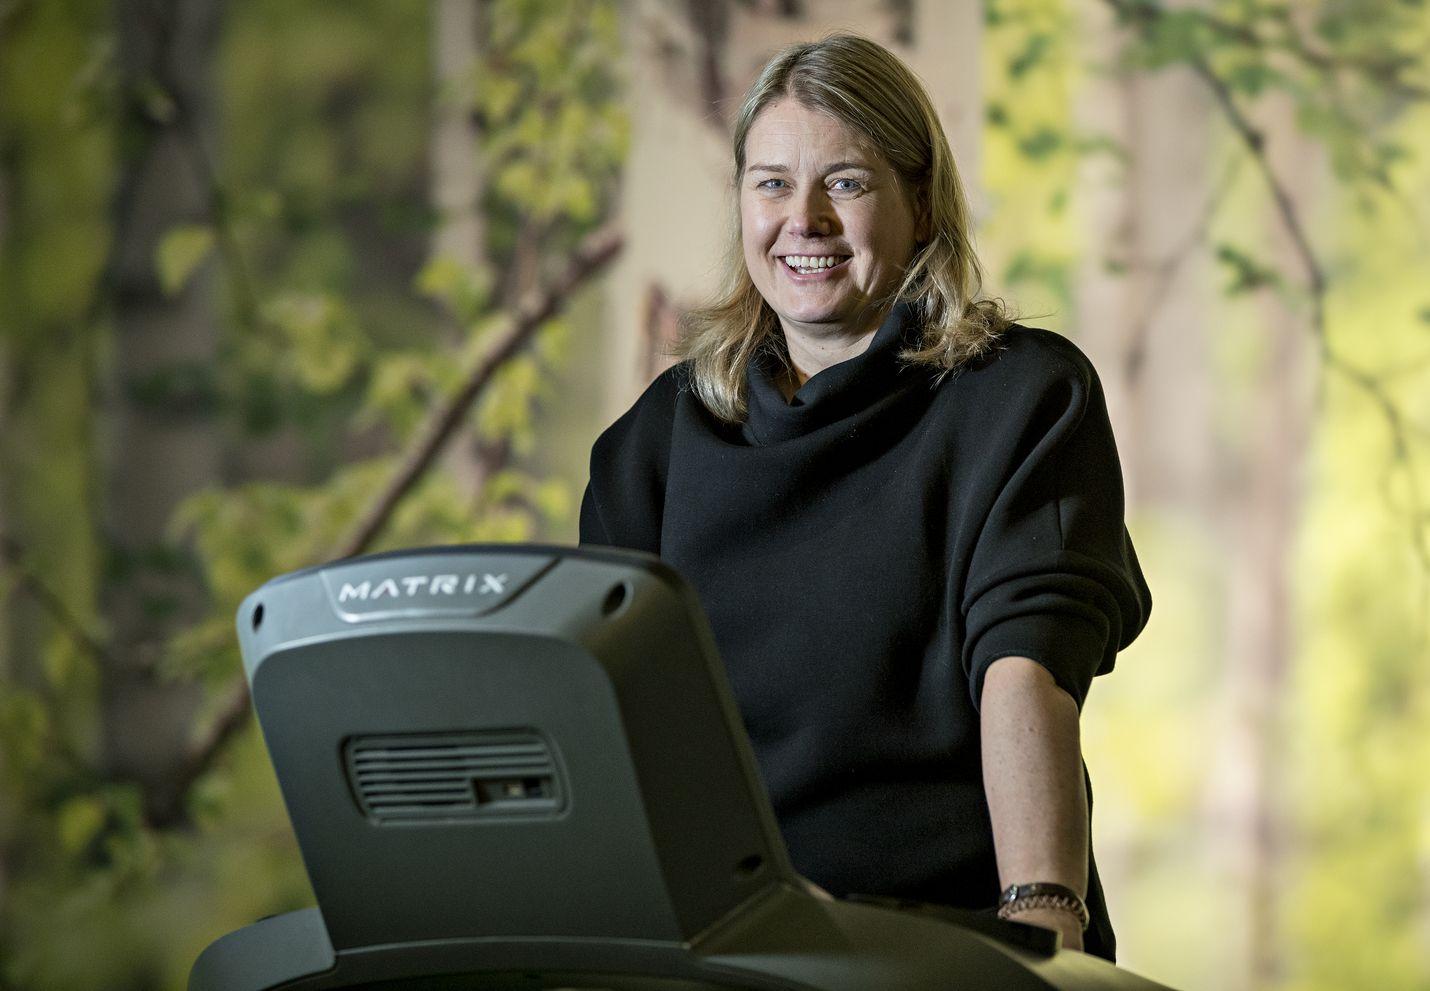 Budjettisaliketju Liikun perustaja, toimitusjohtaja Johanna Riihijärvi sanoo, että liikunta-alalla riittää tilaa uusille yrittäjille. Kasvua lisää ihmisen halu pitää omasta terveydestä parempaa huolta.